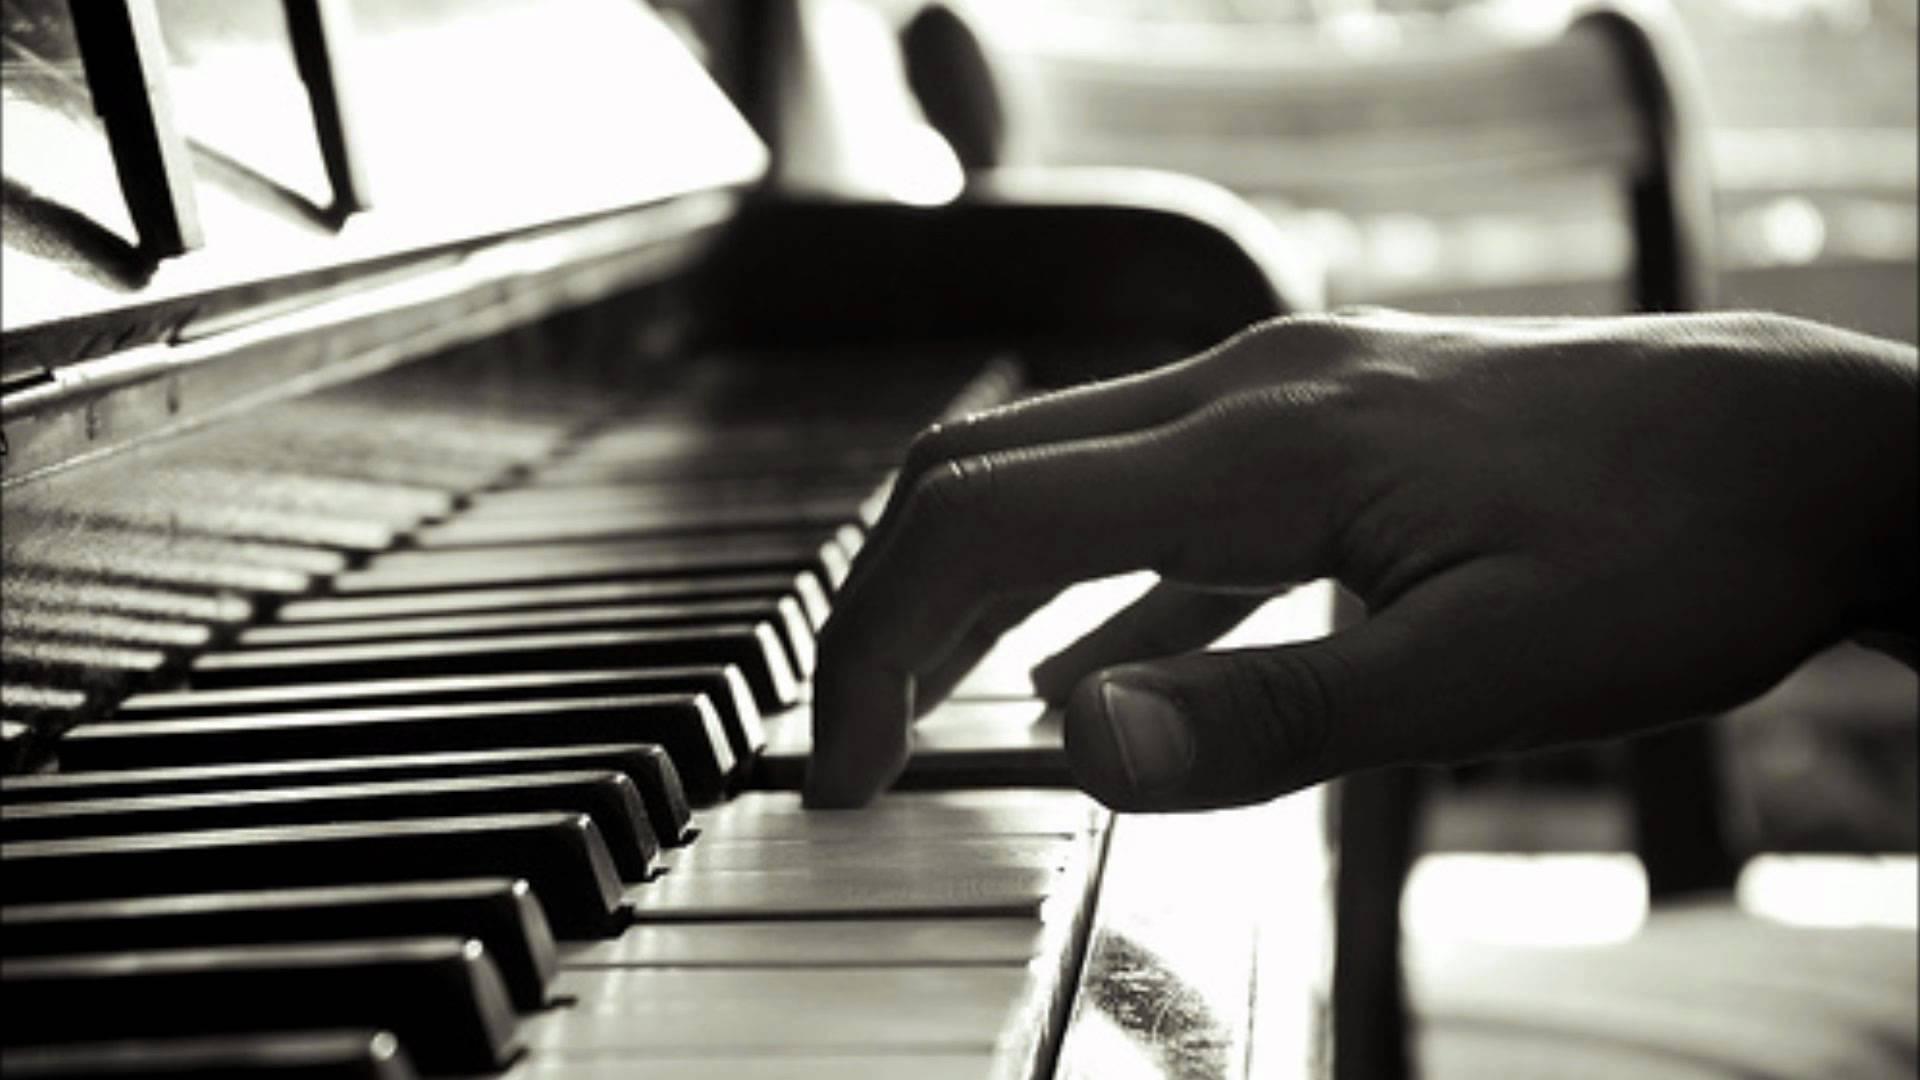 Краплини дощу падають на клавіші фортепіано